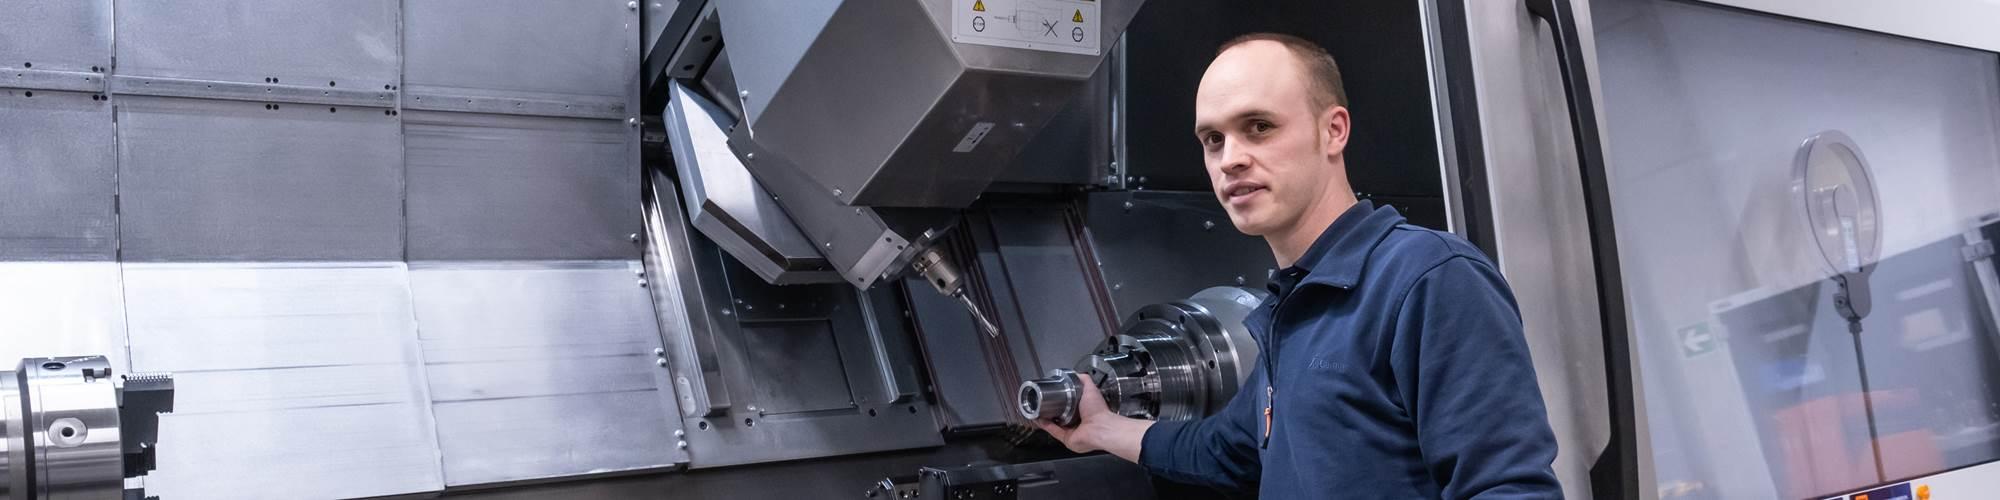 """""""Muchos de nuestros visitantes también aprecian la WFL durante las demostraciones. En el futuro existe la posibilidad de vender las herramientas de Hoffmann Group si se han probado en ella"""", dice Fabian Philipp, técnico de aplicaciones."""